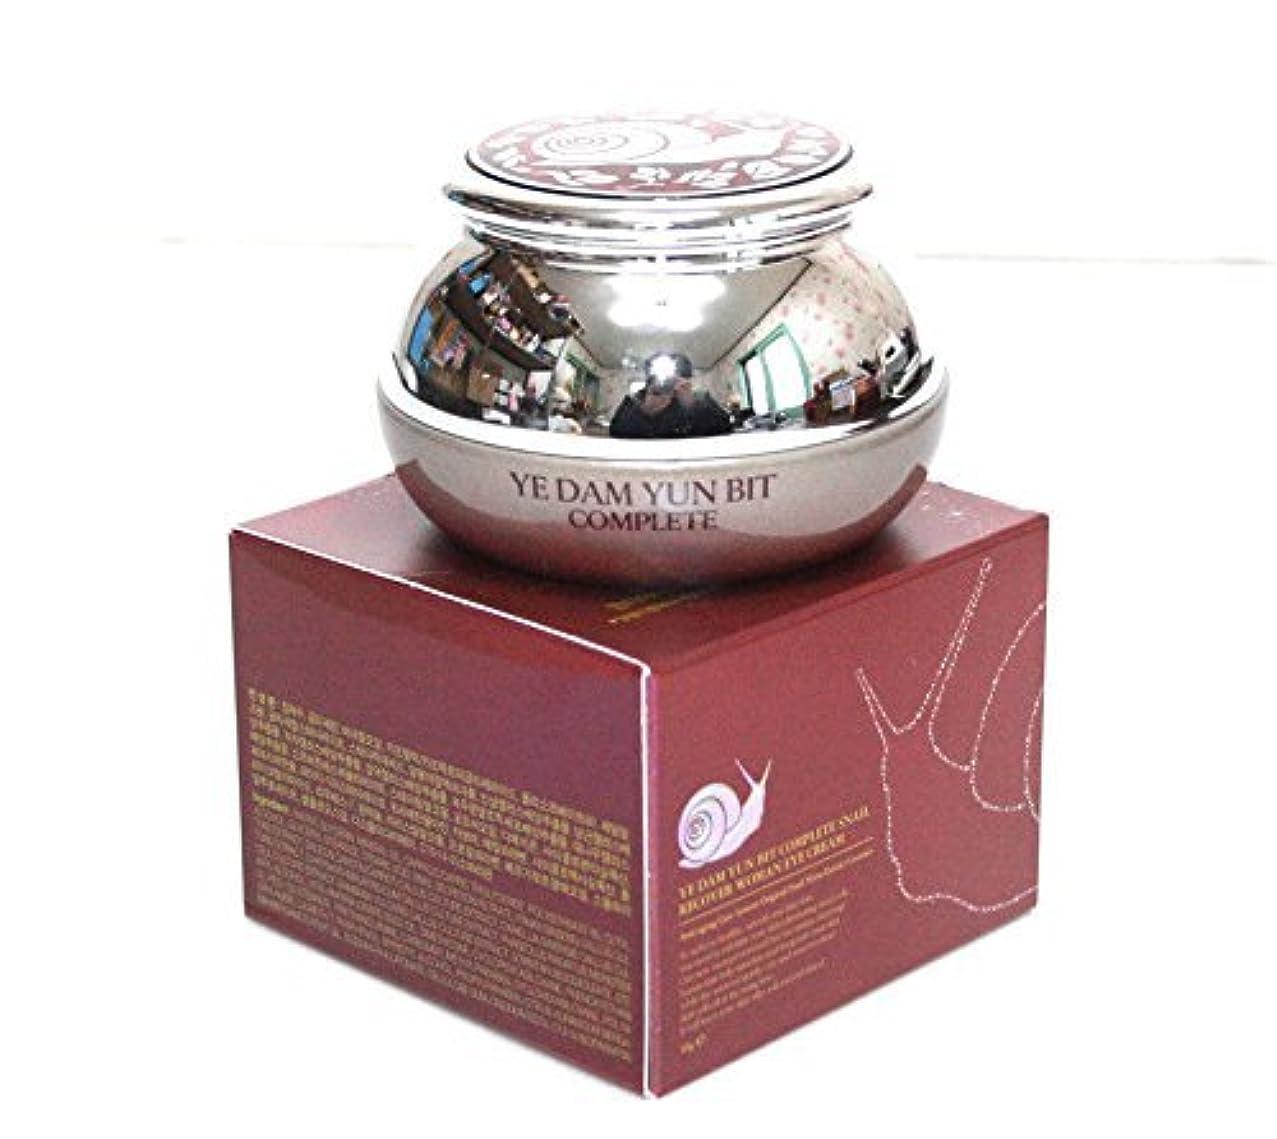 クーポン追い越すマダム[YEDAM YUN BIT] スキンが完成カタツムリ回復女性のアイクリーム50ml/韓国の化粧品/COMPLETE Skin Snail Recover Woman Eye Cream 50ml/Korean cosmetics...